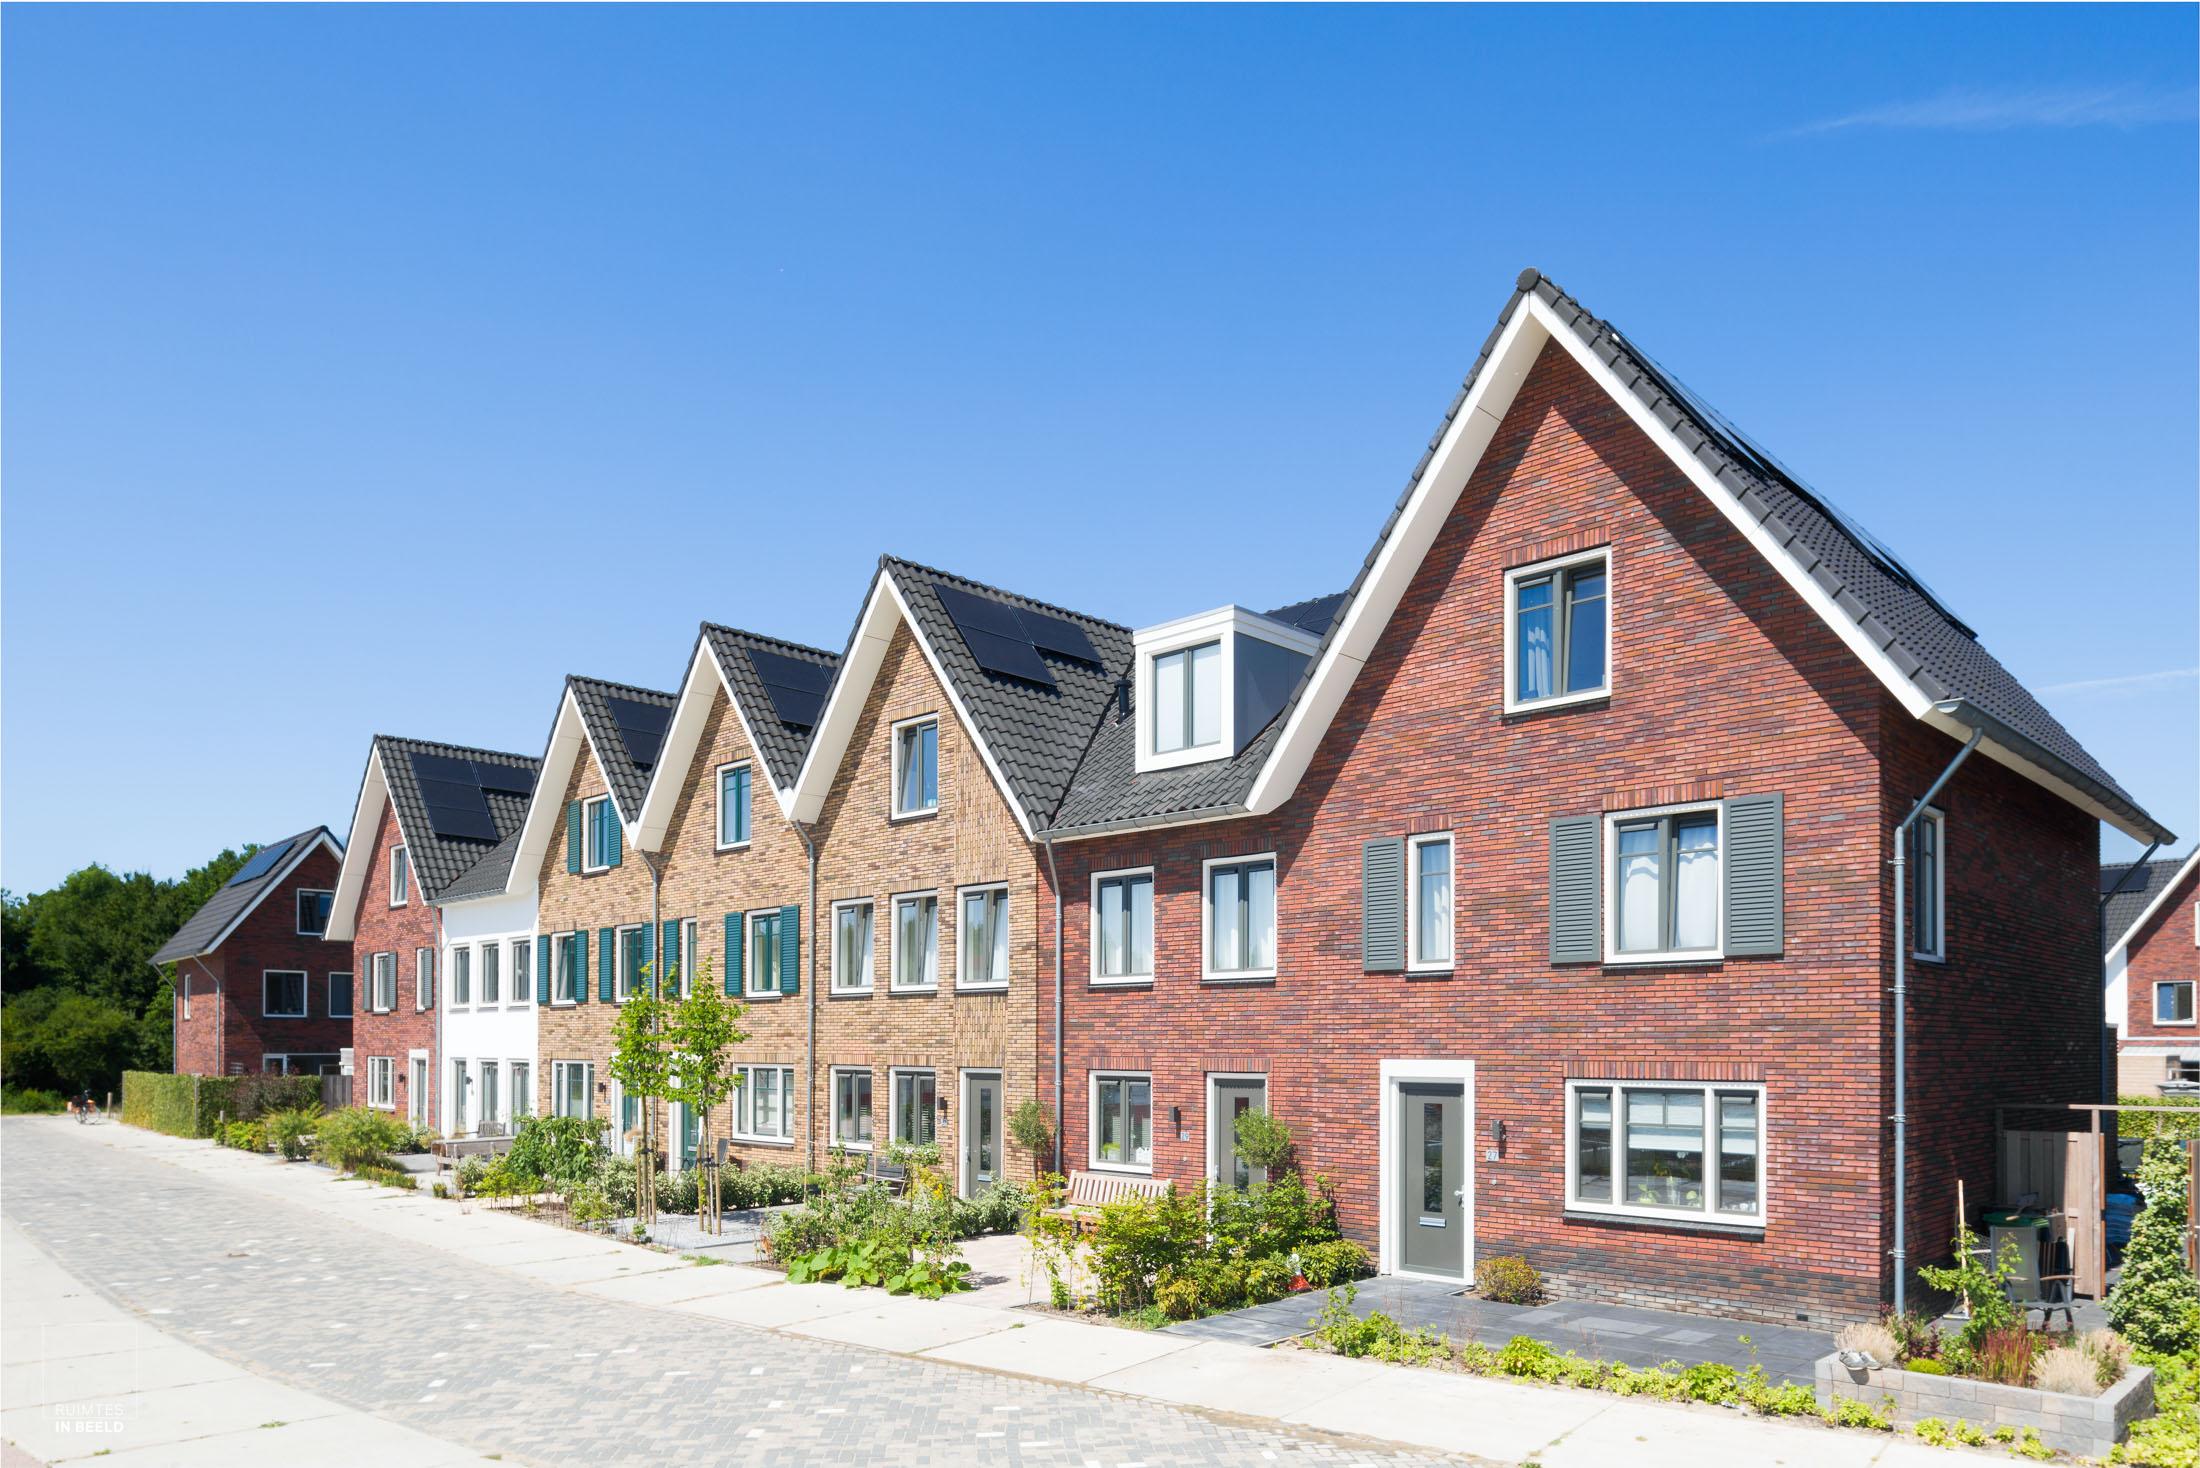 Van Wijnen, Dordrecht